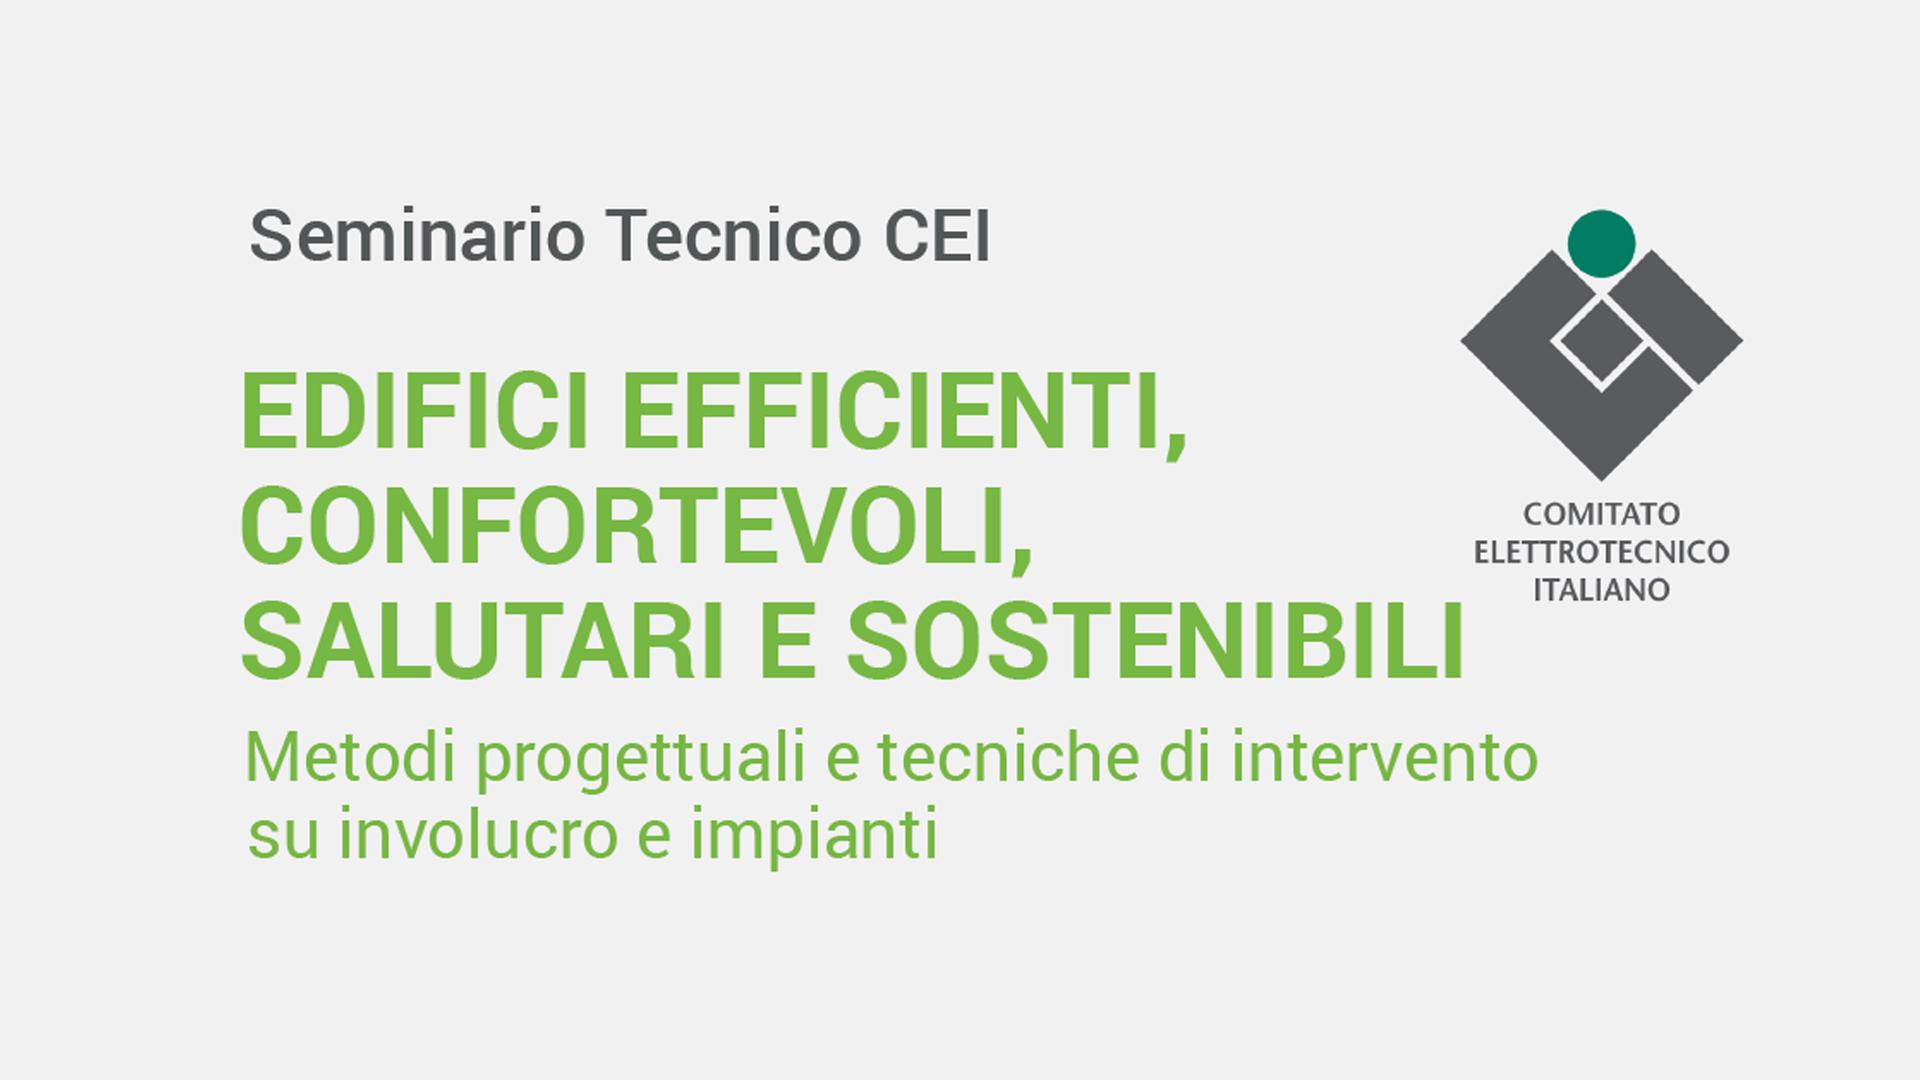 Seminario Tecnico MIRTeC CEI Bolzano - Edifici efficienti, confortevoli, salutari e sostenibili